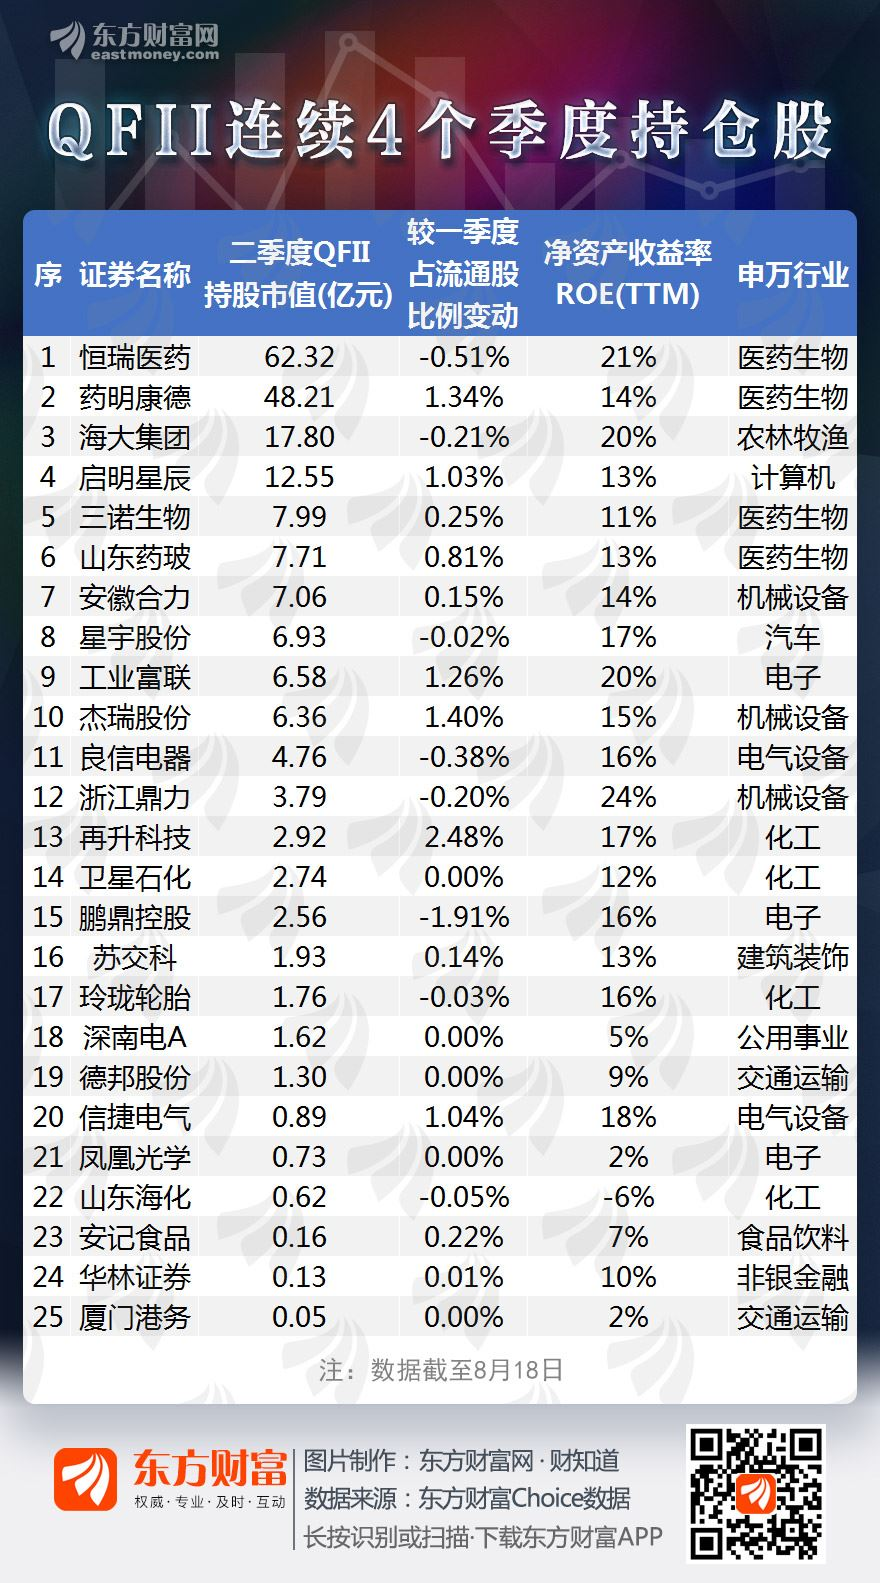 描述:25只股票连续4个季度获得合格投资者头寸,主要来自这些行业